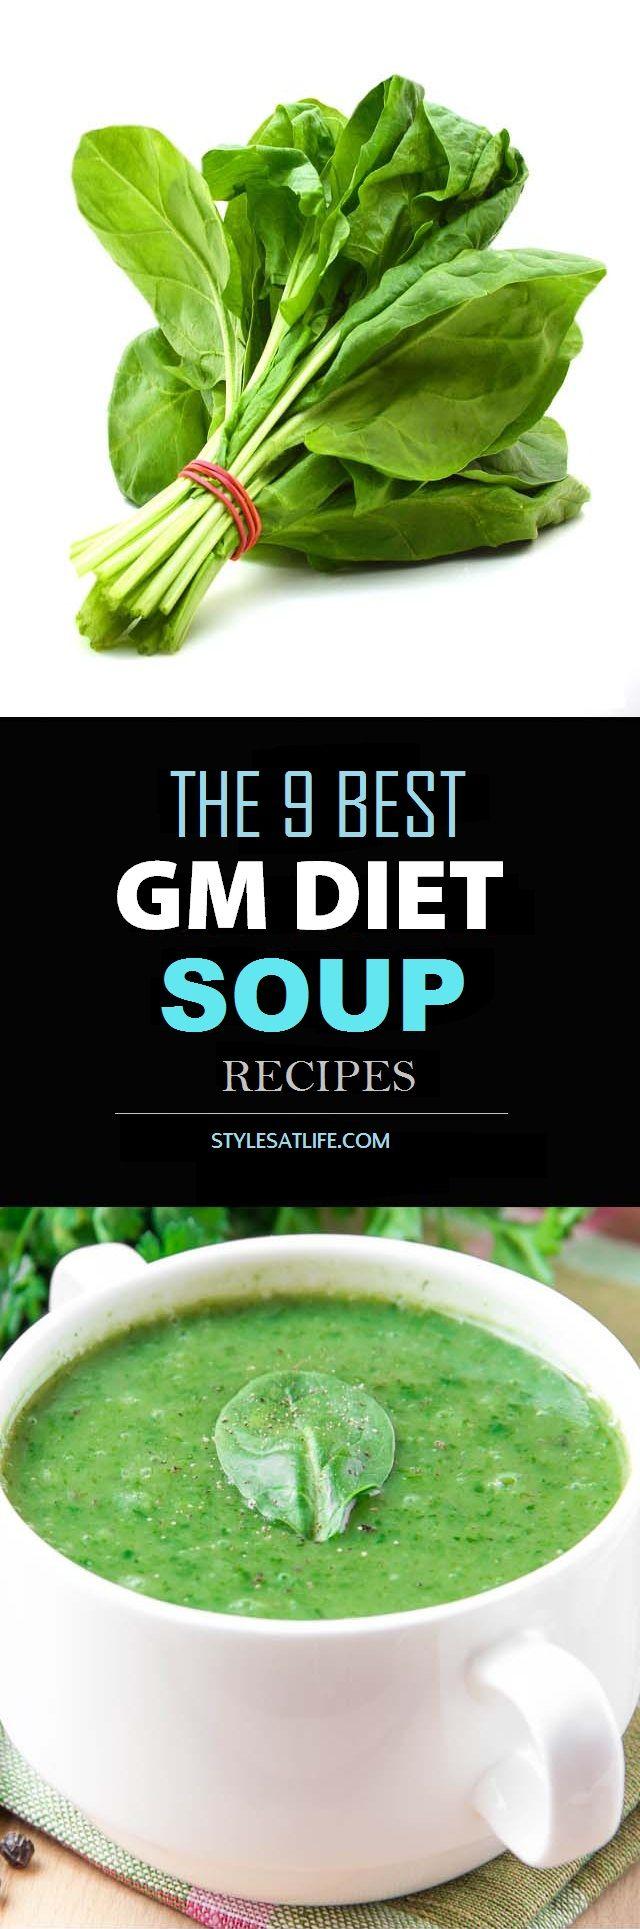 Gm dieta da sopa Receitas - Nossa Top 9